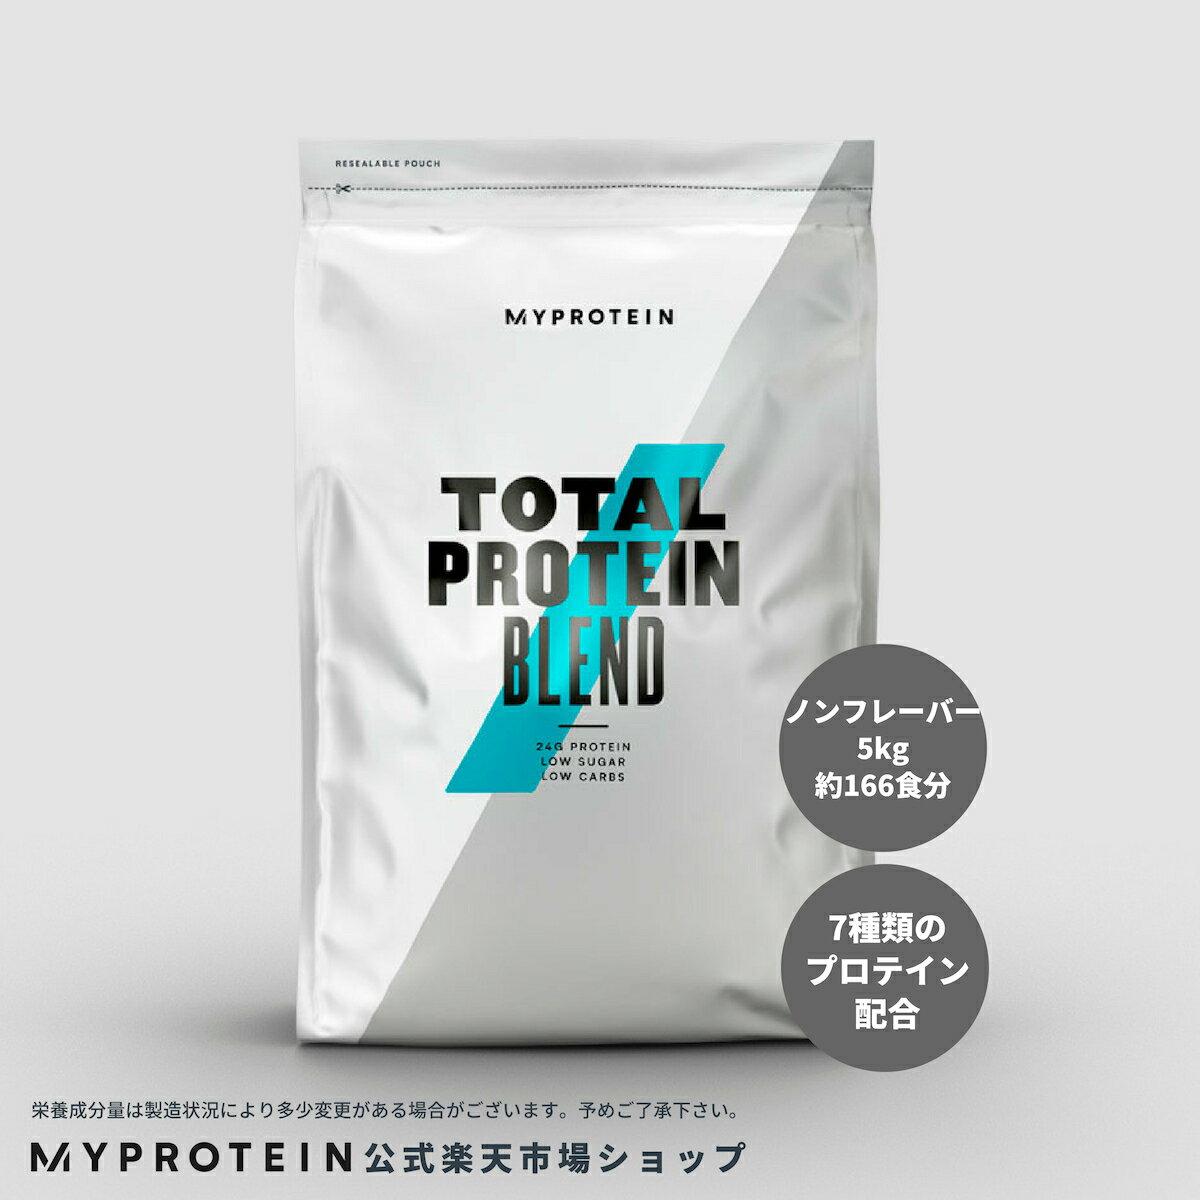 マイプロテイン 公式 【MyProtein】 トータルプロテイン 5kg 約166食分(ノンフレーバー)| プロテイン ホエイ ホエイプロテイン カゼインプロテイン カゼイン カルシウム バルクアップ ボディーメイク 糖質制限【楽天海外直送】